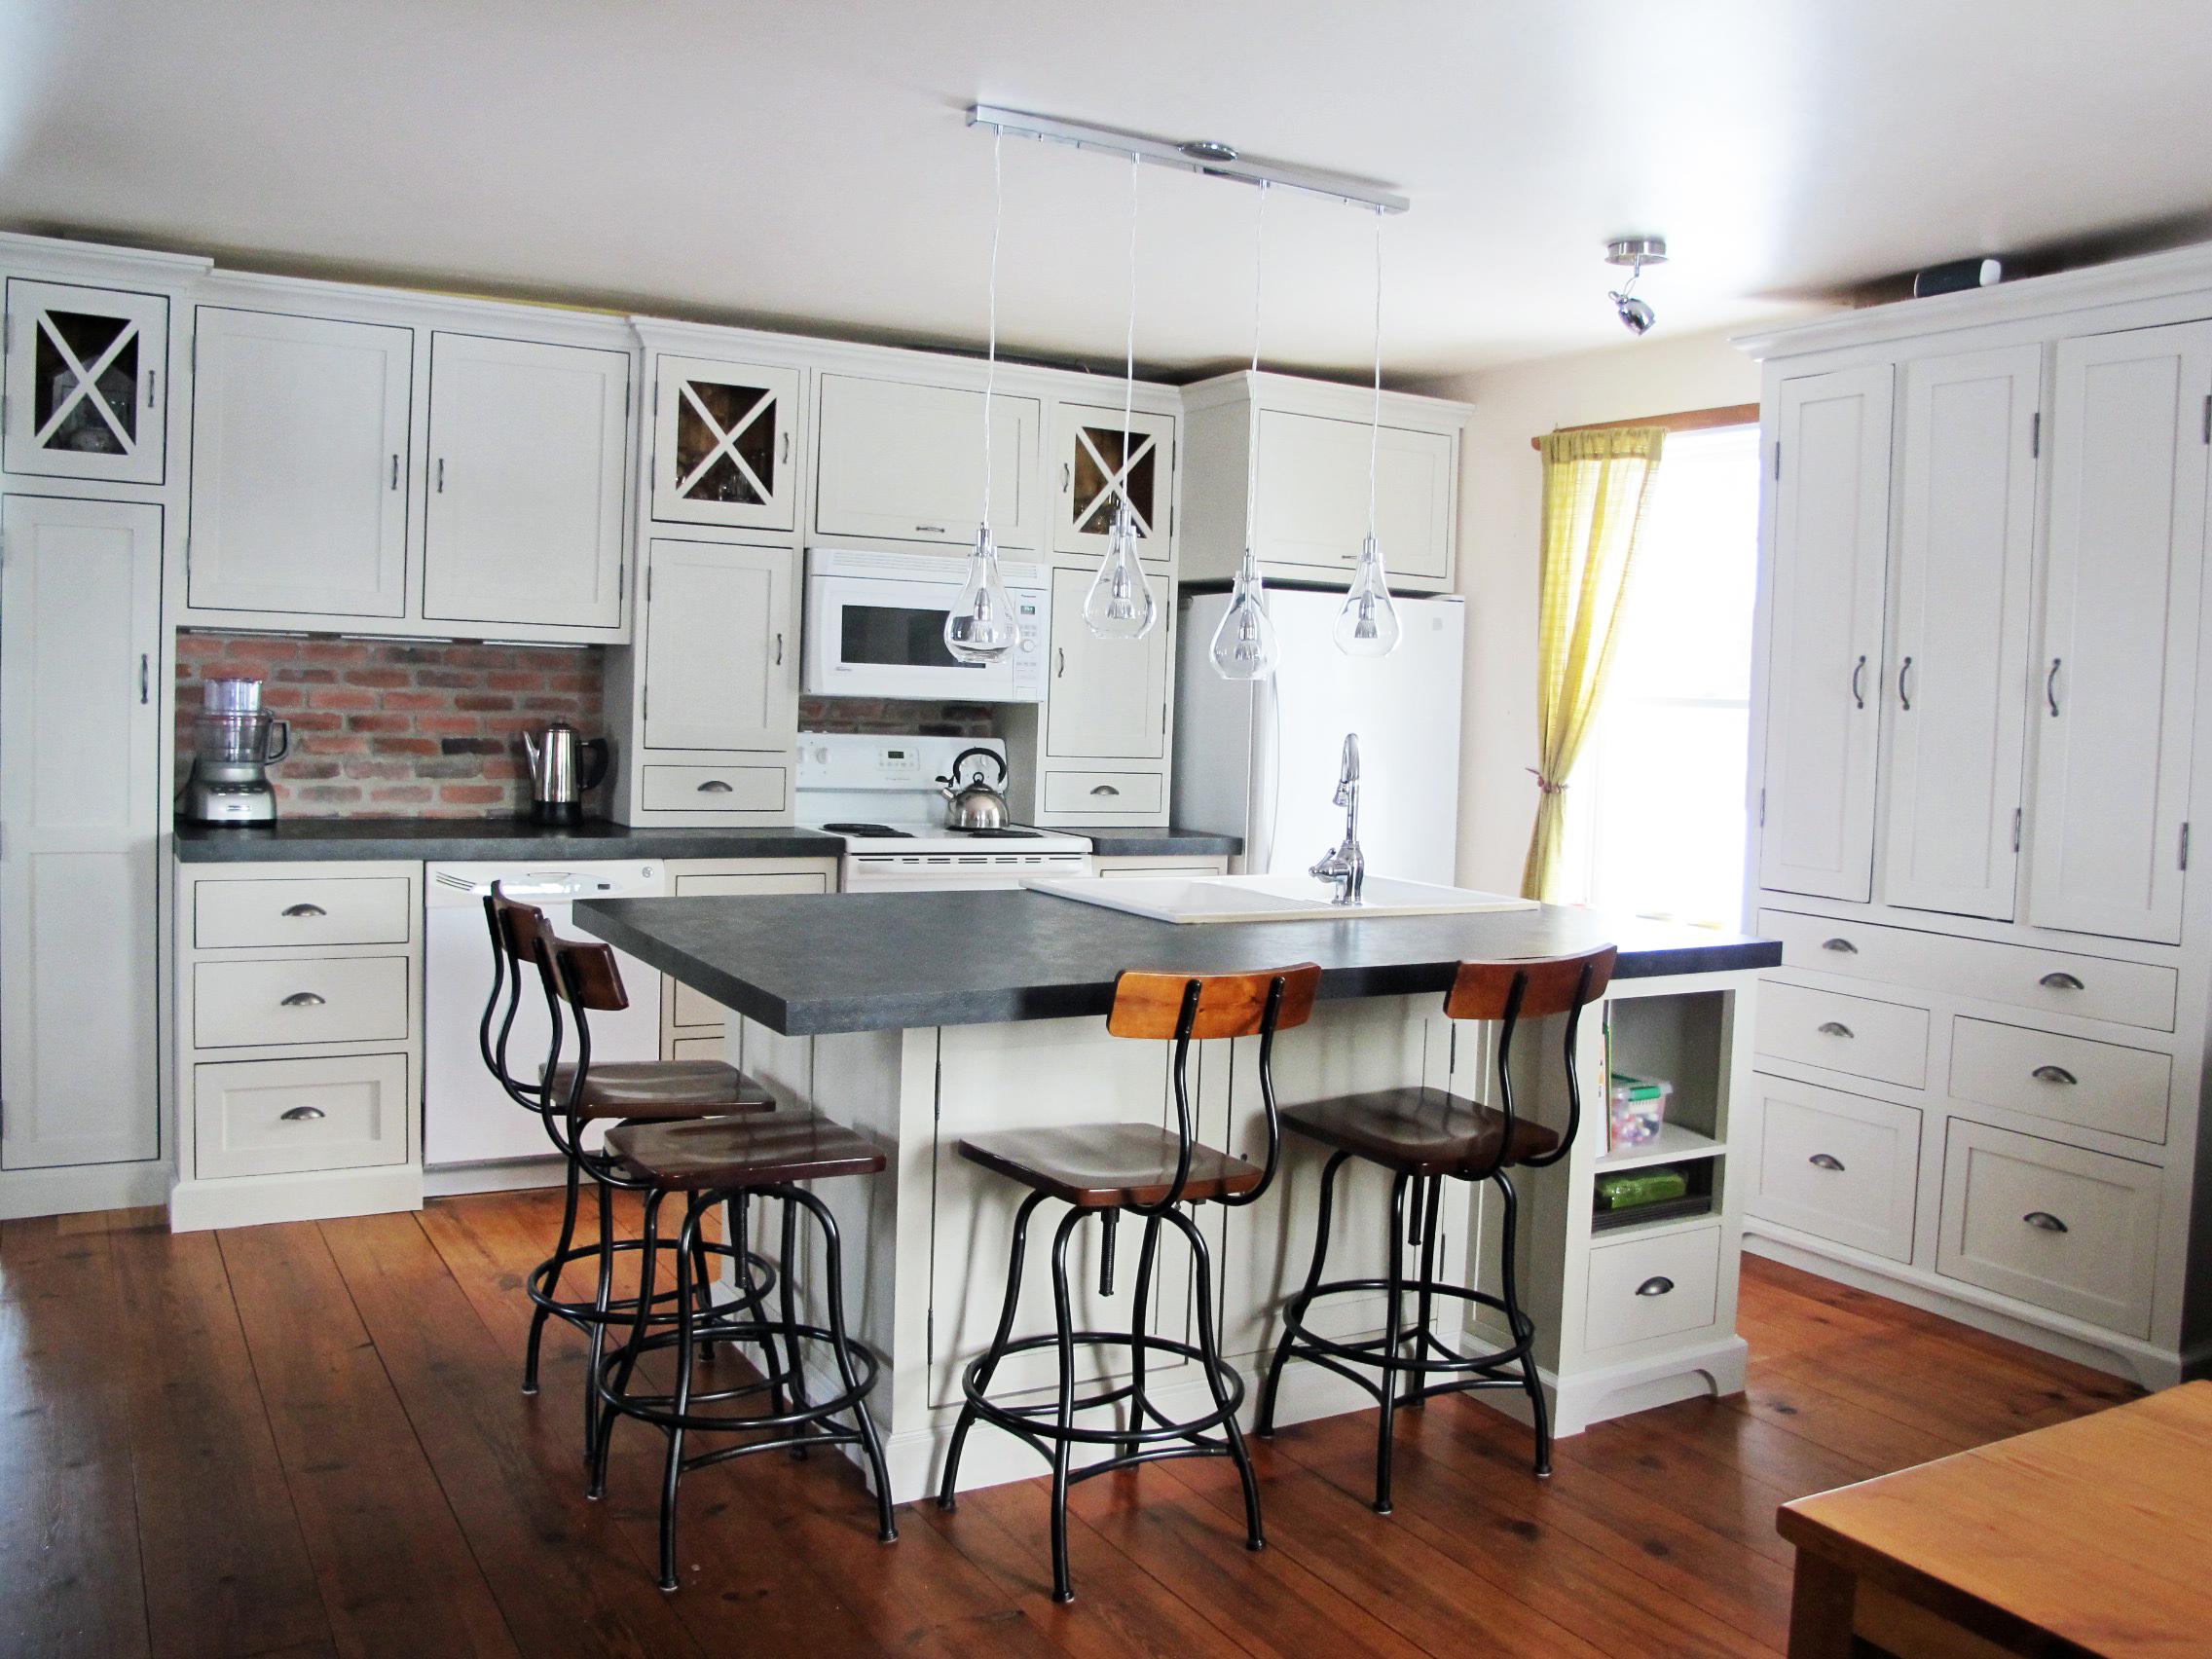 Restauration d 39 armoire de cuisine en bois la boite pin for Armoires de cuisine en bois